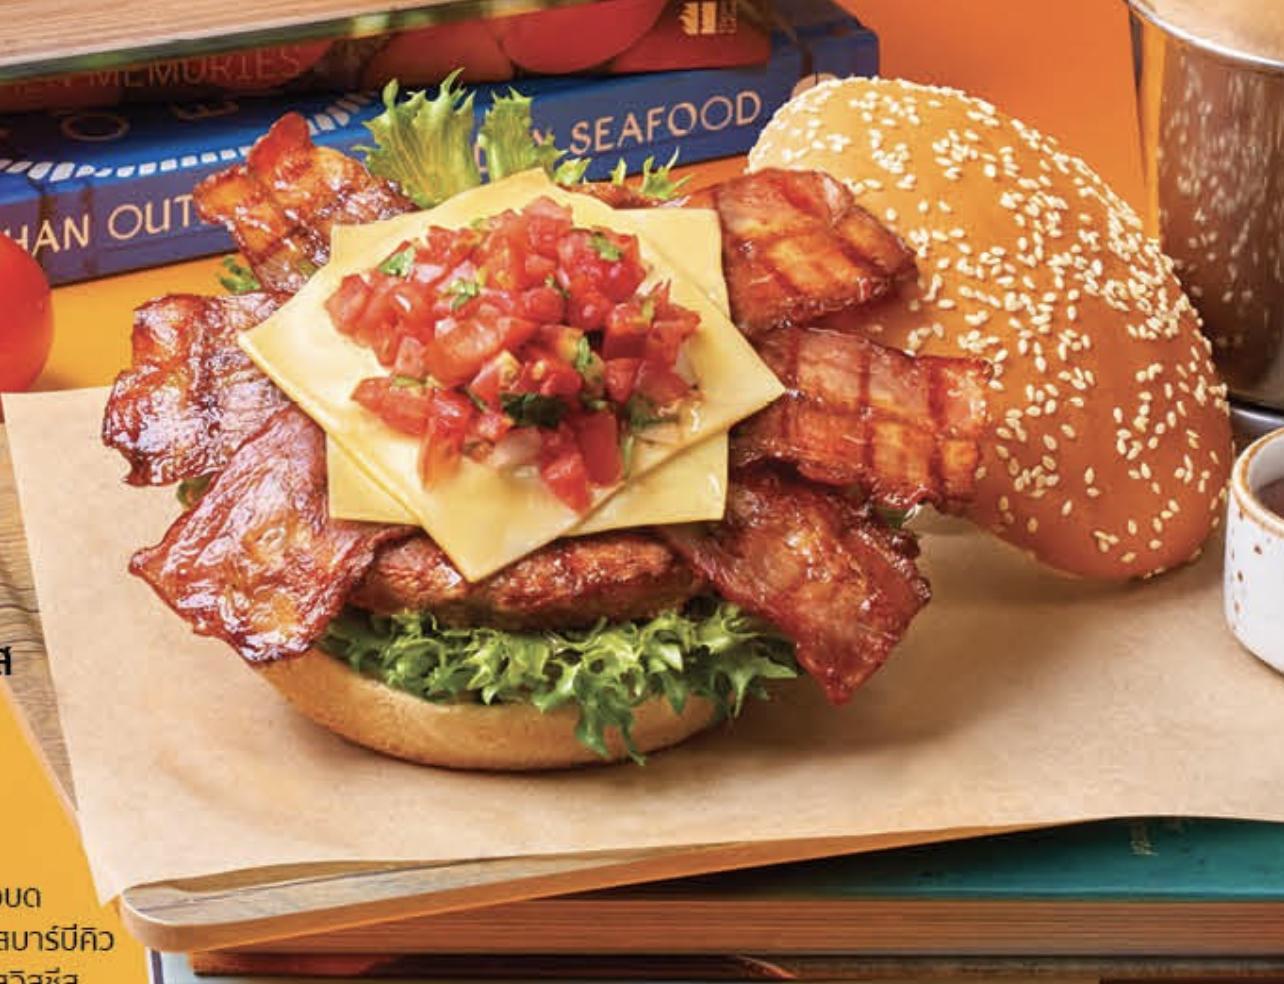 ข้อมูลโภชนาการ แคลอรี่ บาร์บีคิว-เบคอน-ชีส-ดีลักซ์เบอร์เกอ-bbq-bacon-cheese-deluxe-burger